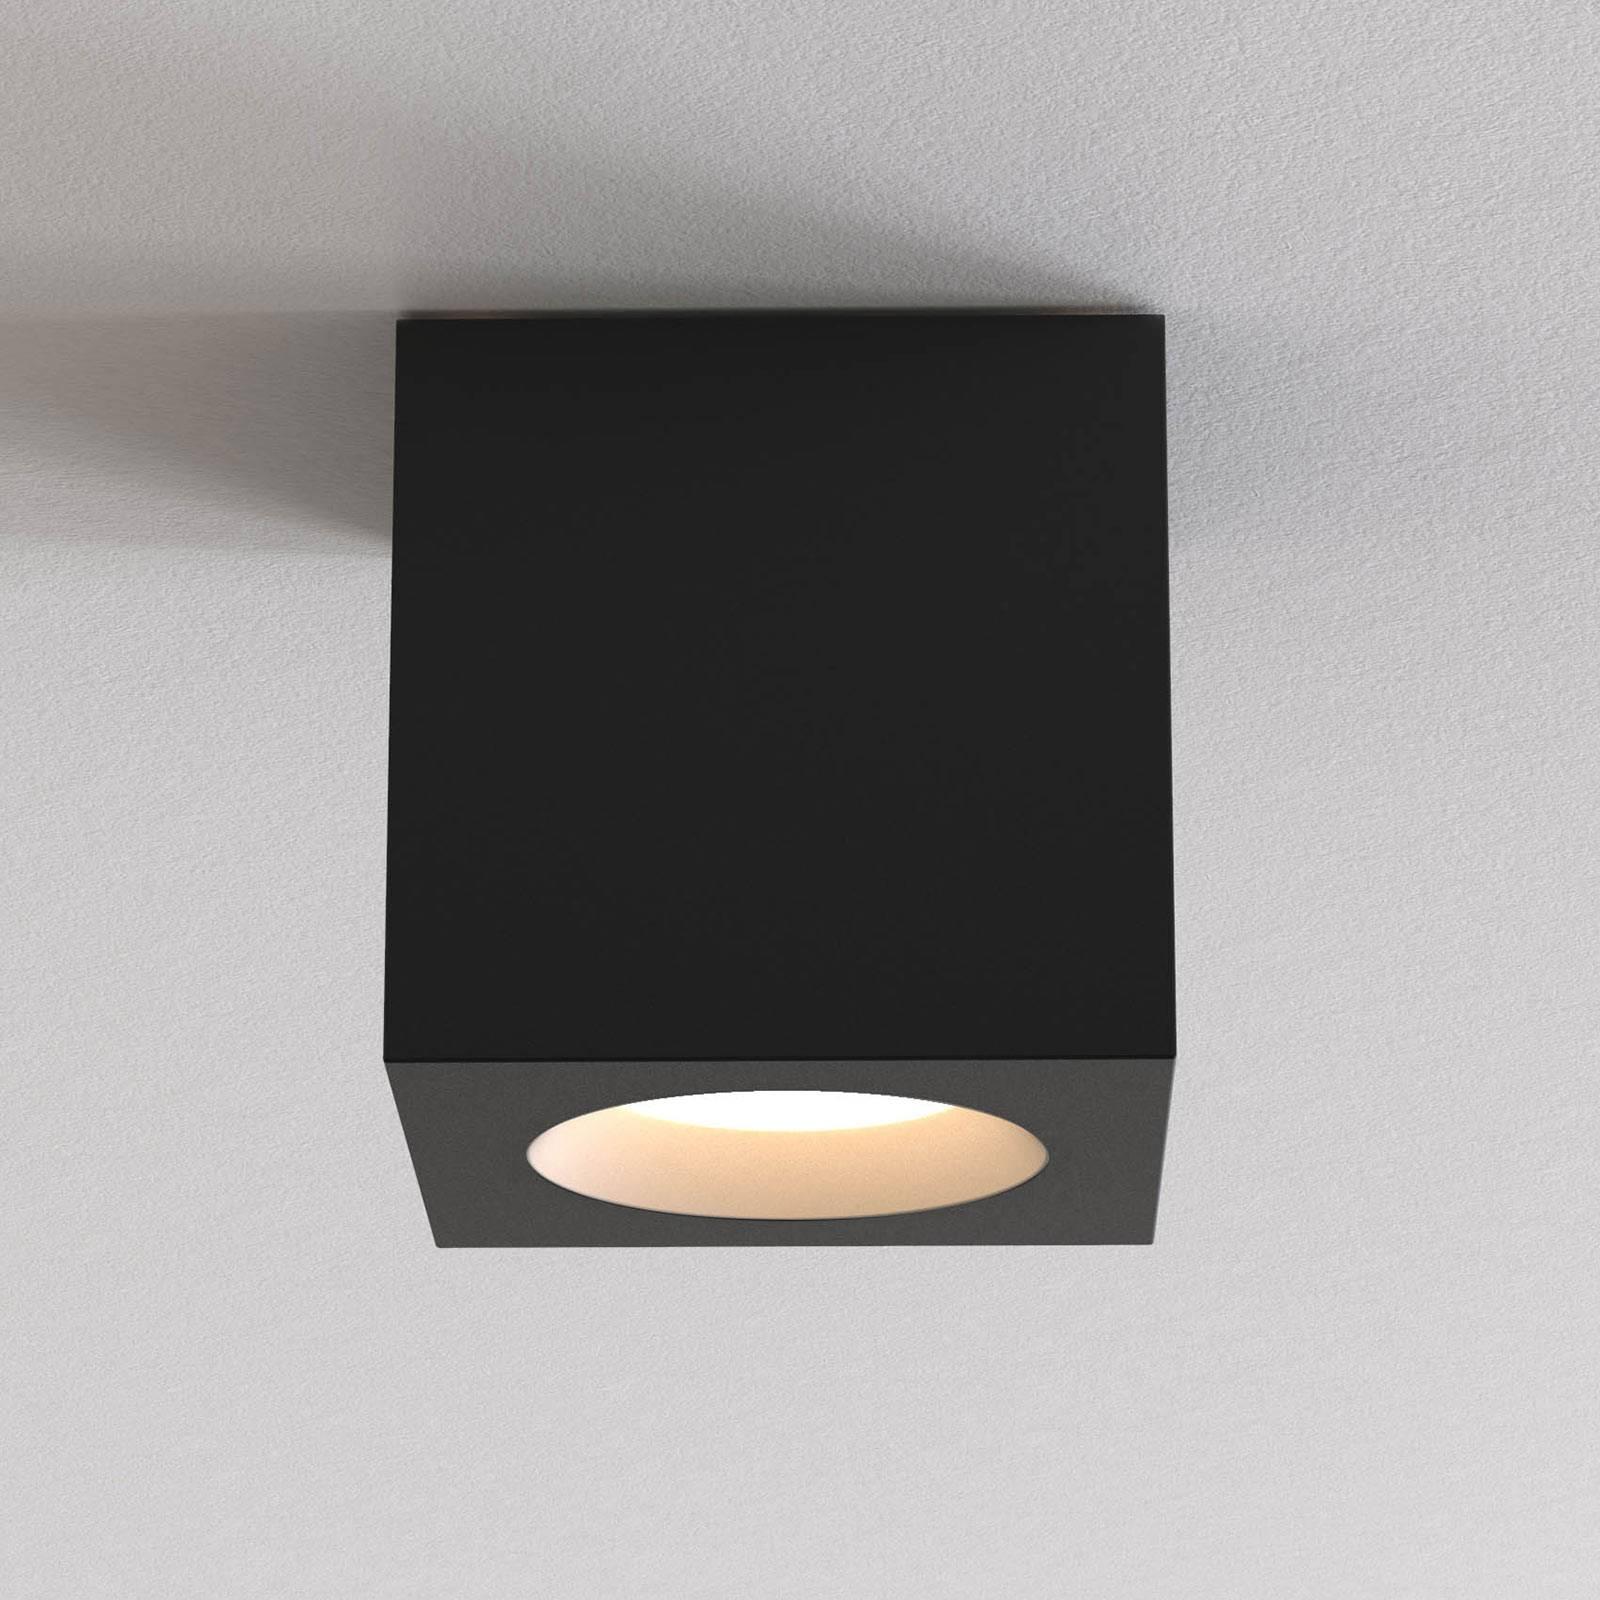 Astro Kos Square II plafondlamp, zwart